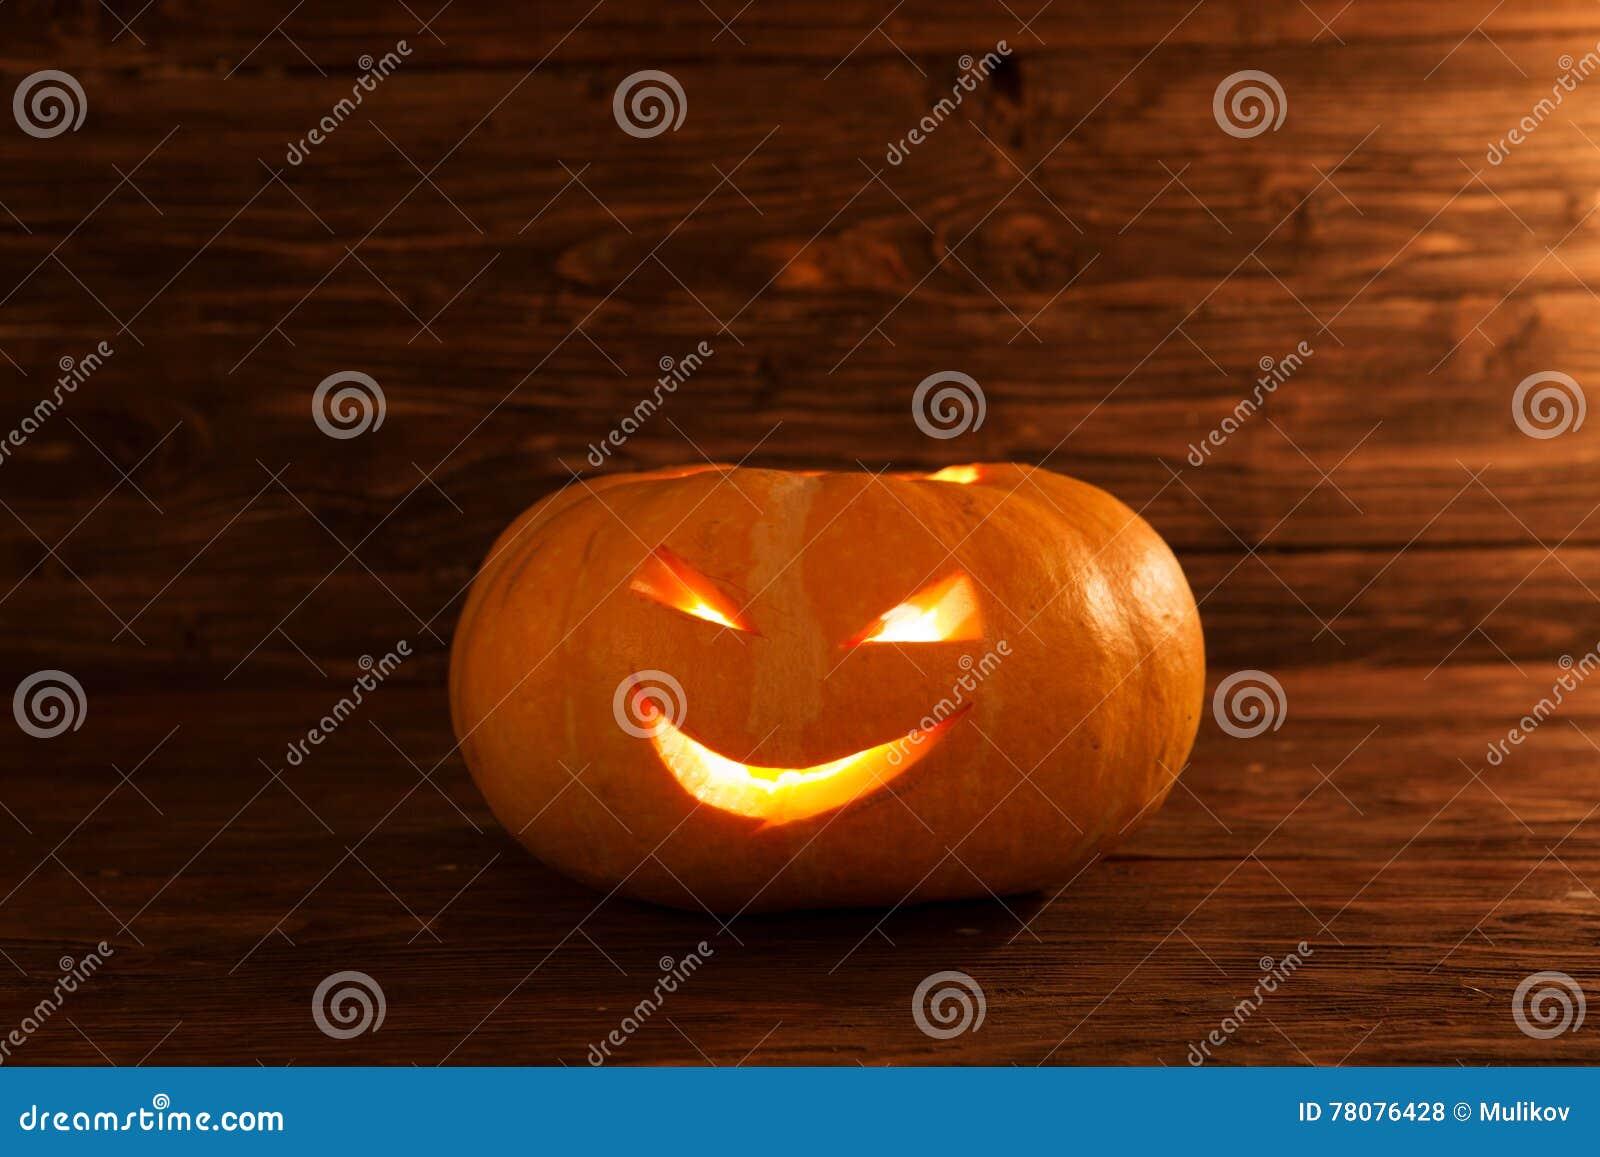 how to make a halloween pumpkin lantern